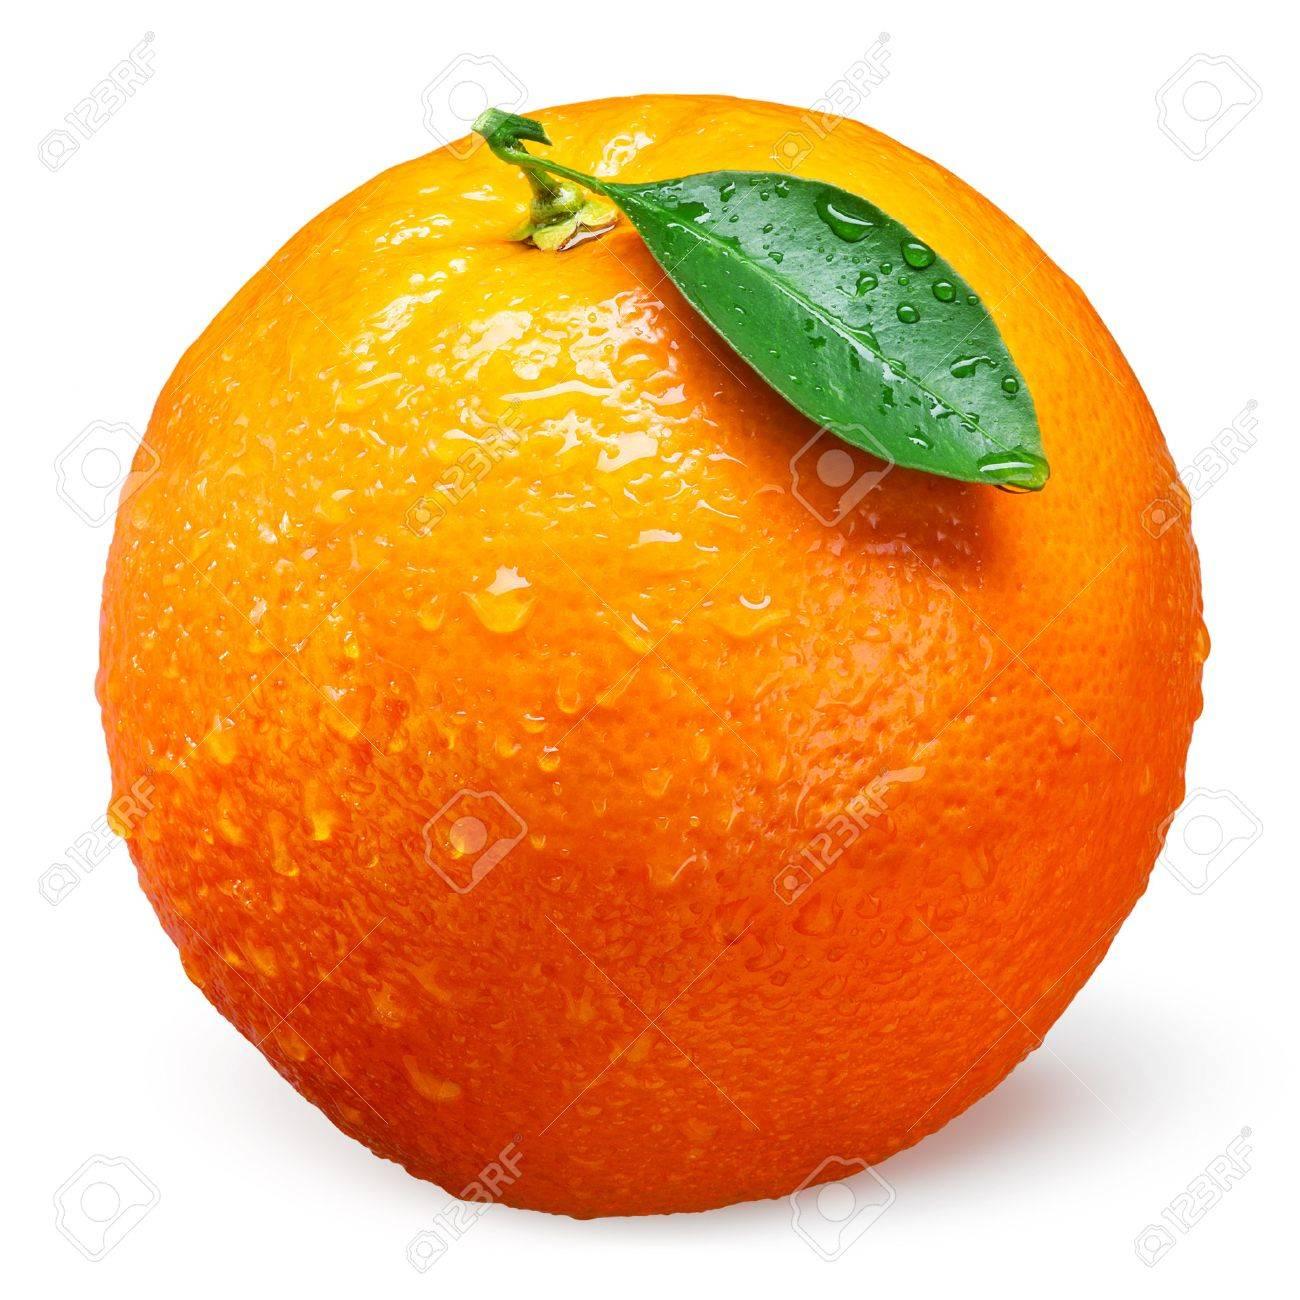 Fresh orange fruit with drops isolated on white - 57051899